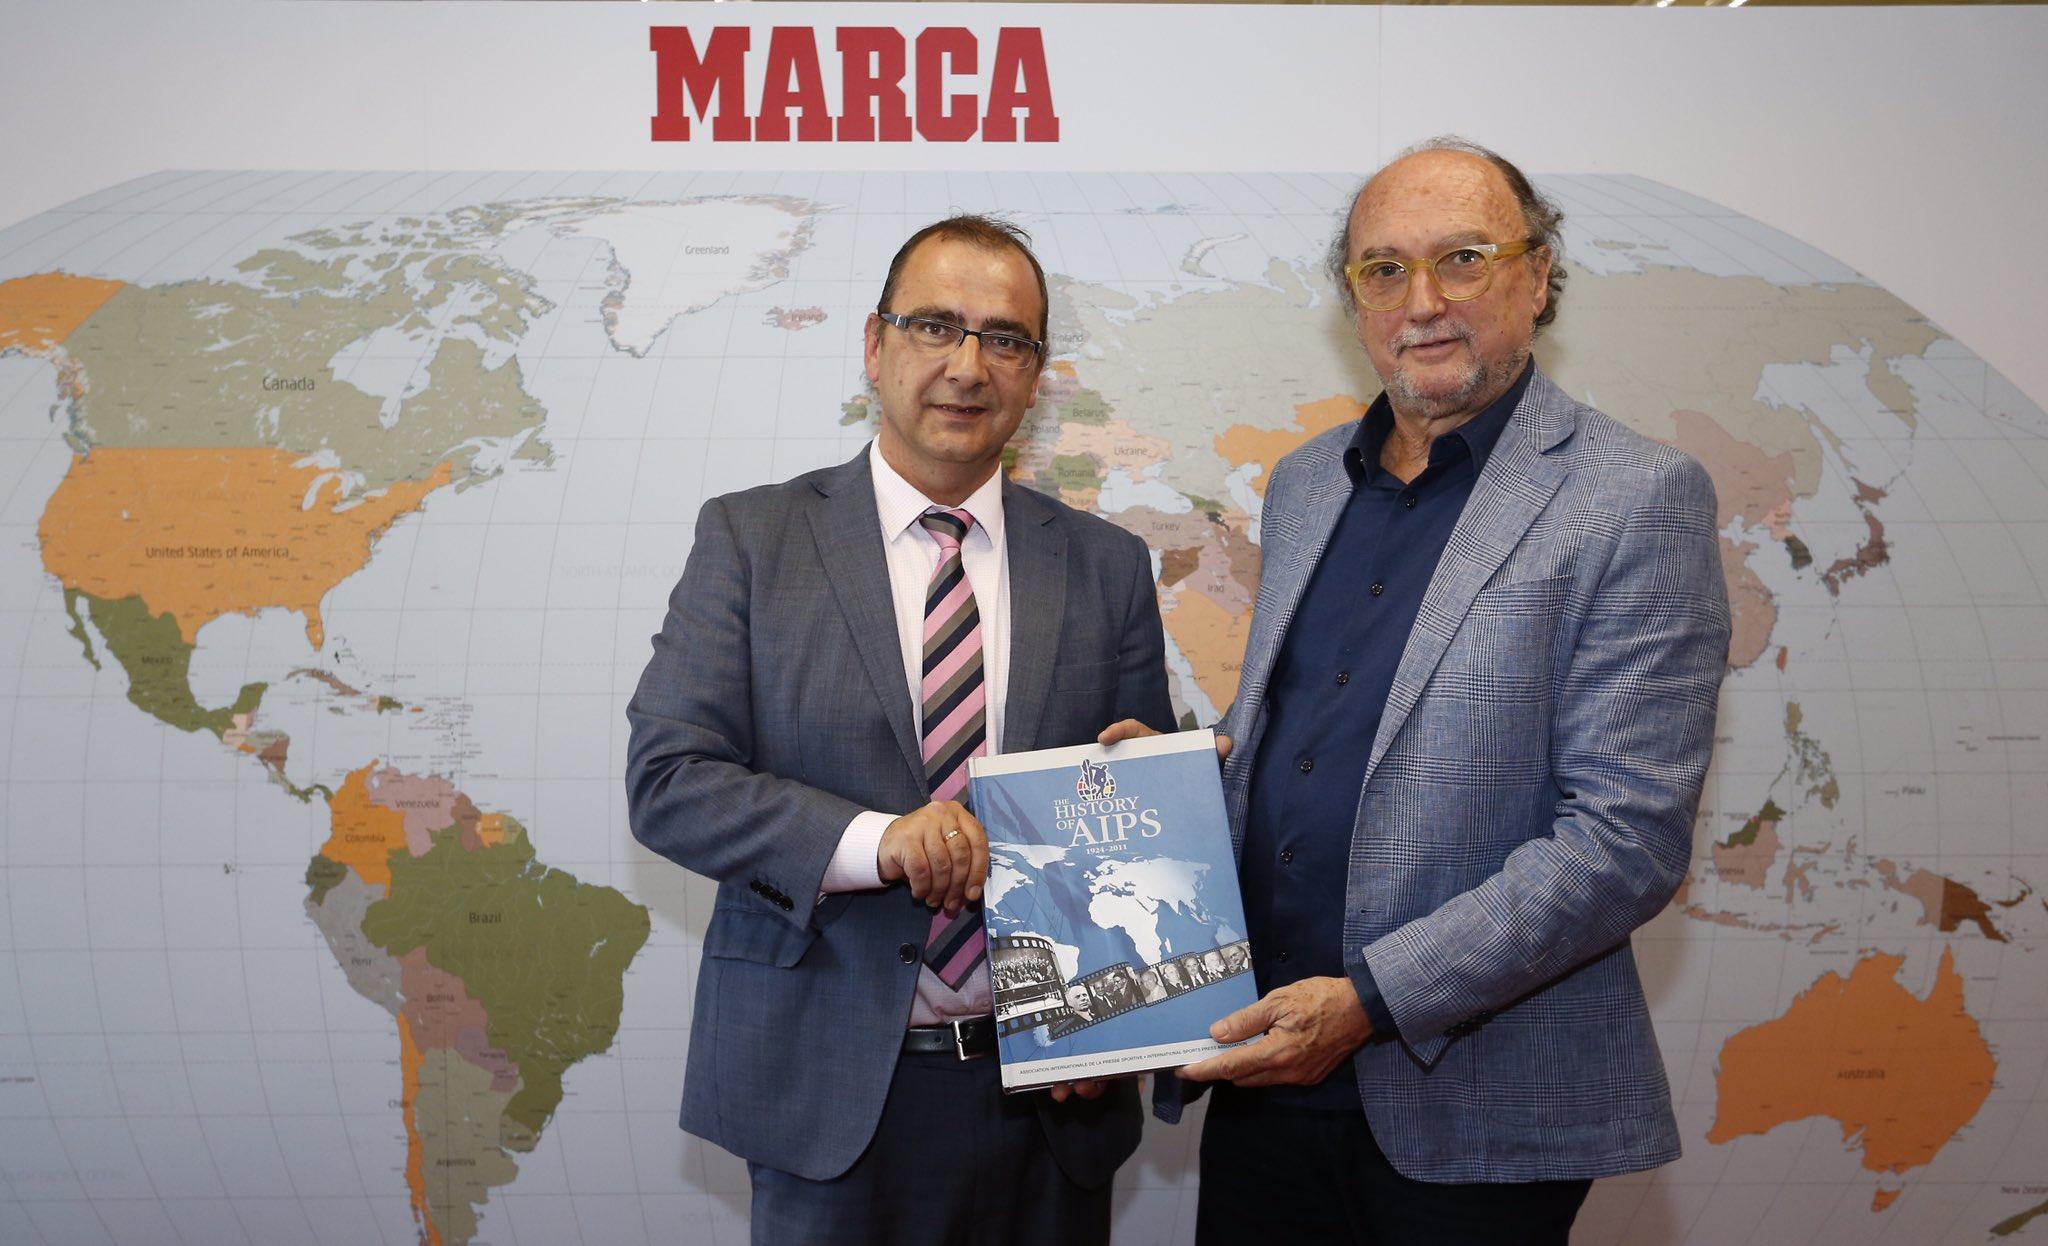 Una visita muy especial: Gianni Merlo, presidente de la @AIPSmedia https://t.co/BfM5CTSPGC